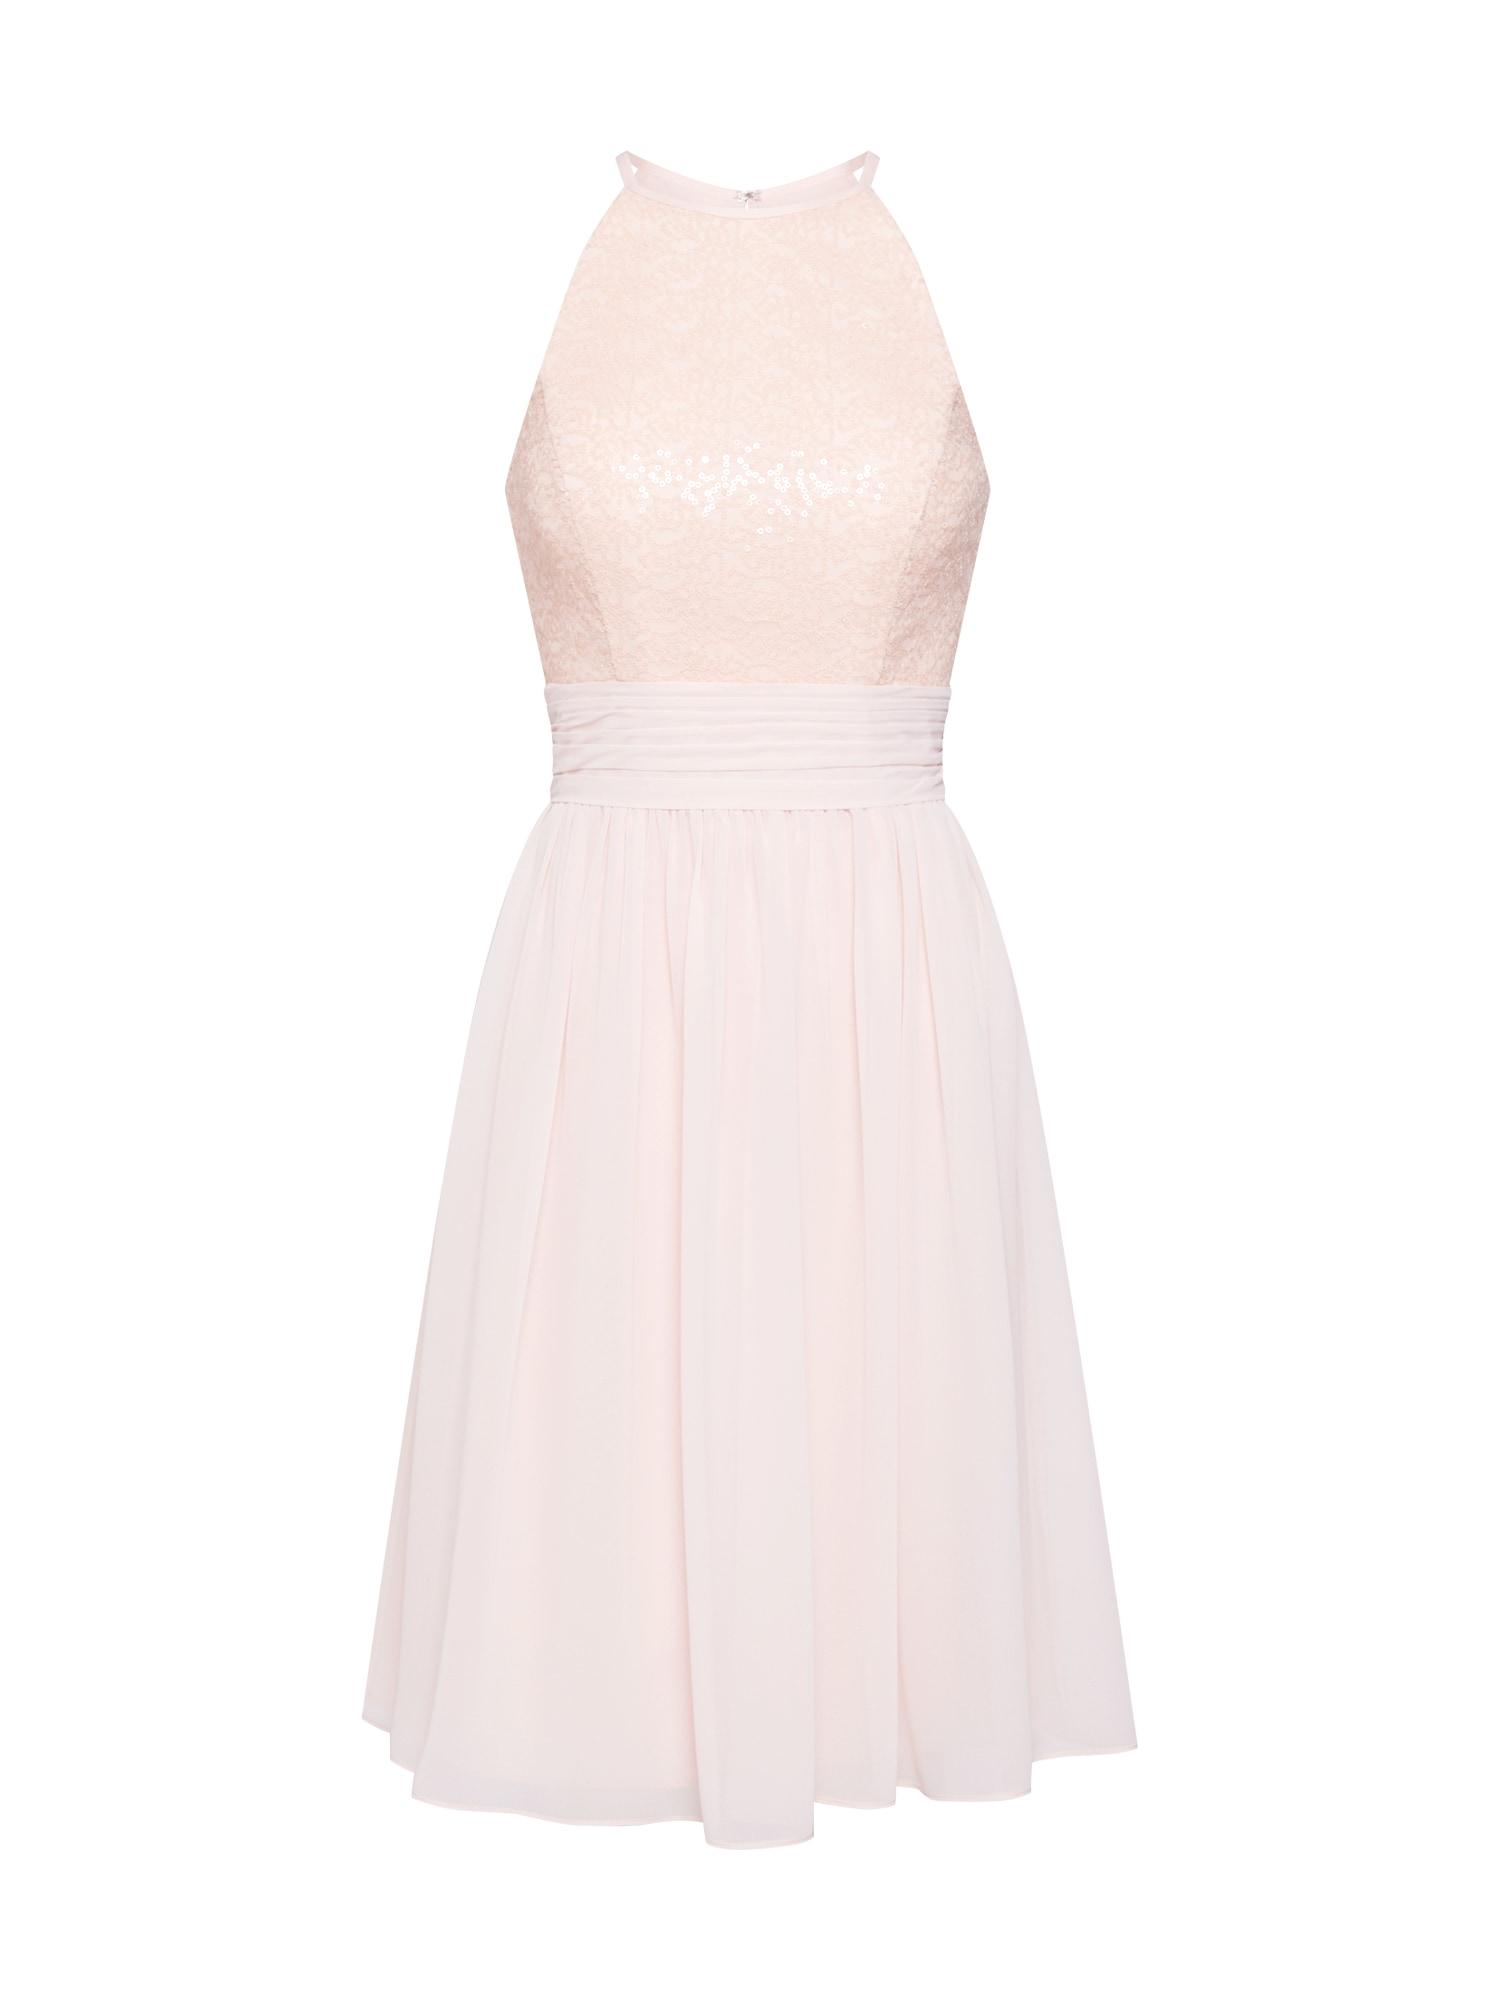 STAR NIGHT Sukienka koktajlowa  różowy pudrowy